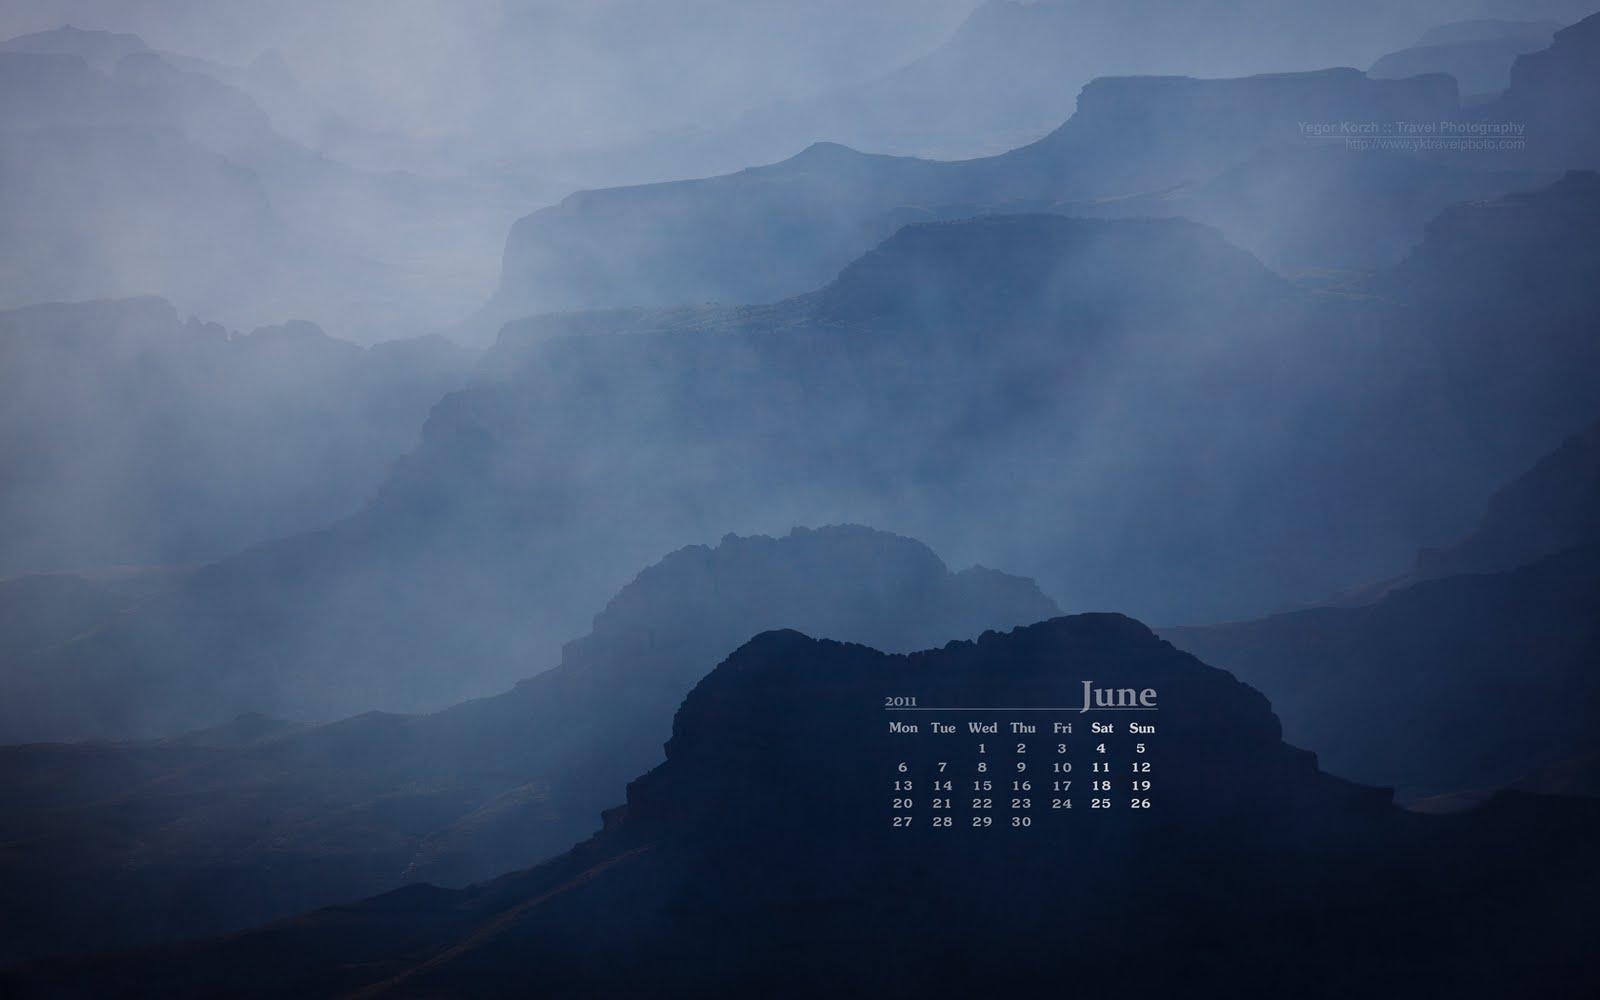 http://1.bp.blogspot.com/-zeVPjtFvi1g/TeO6_m4qh-I/AAAAAAAADeE/6EEtFCfe7wc/s1600/Grand-Canyon-Smoke-June-2011-1680x1050-en.jpg